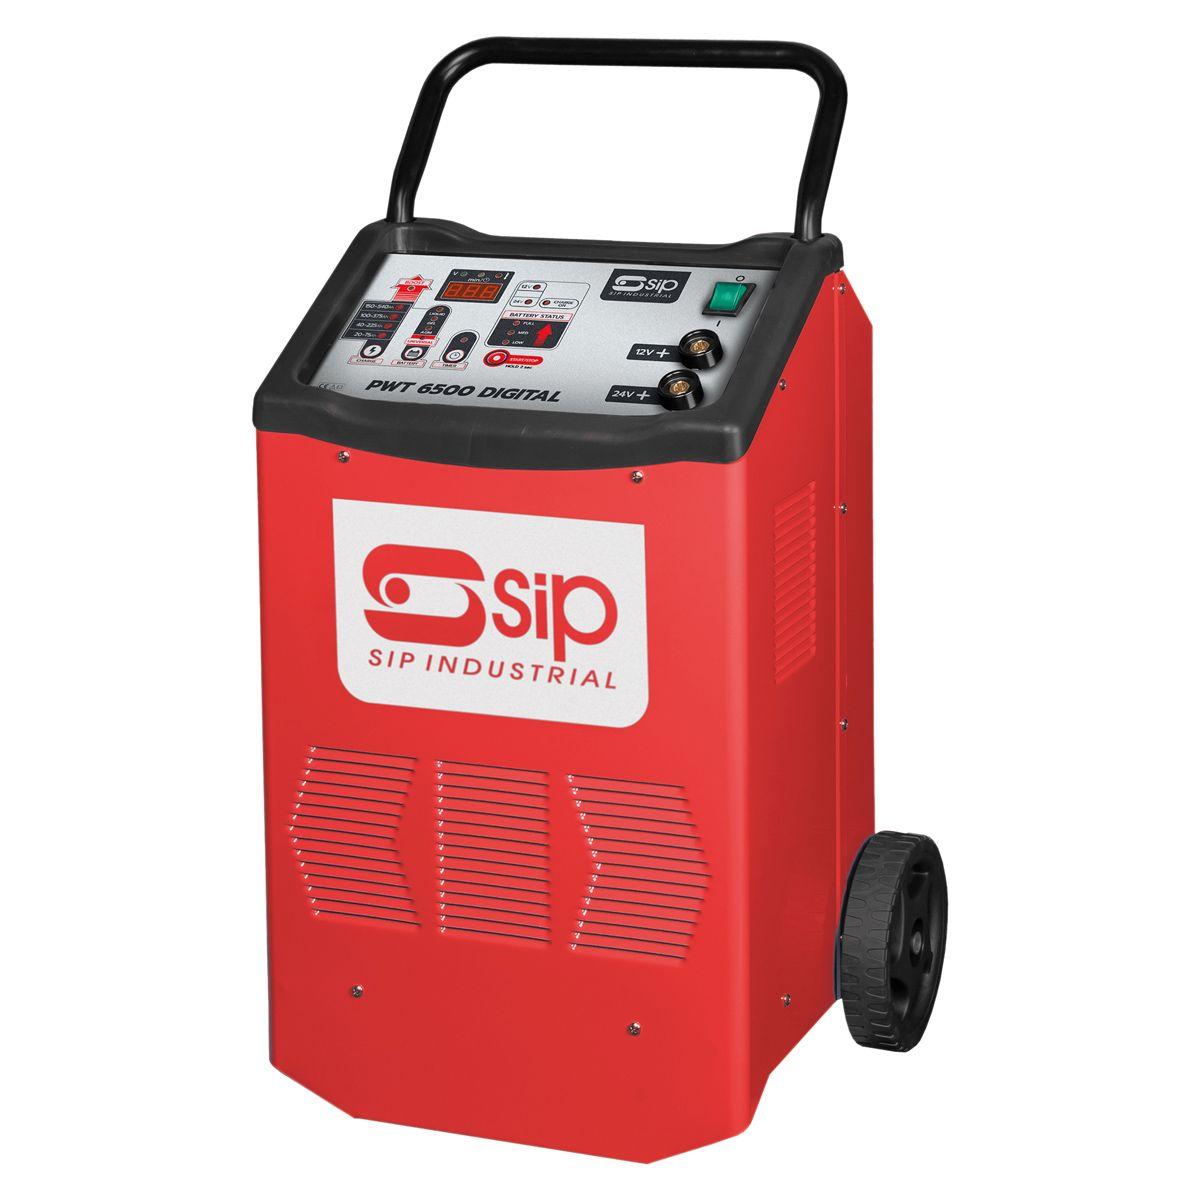 SIP Startmaster PWT6500 Starter Charger 230v